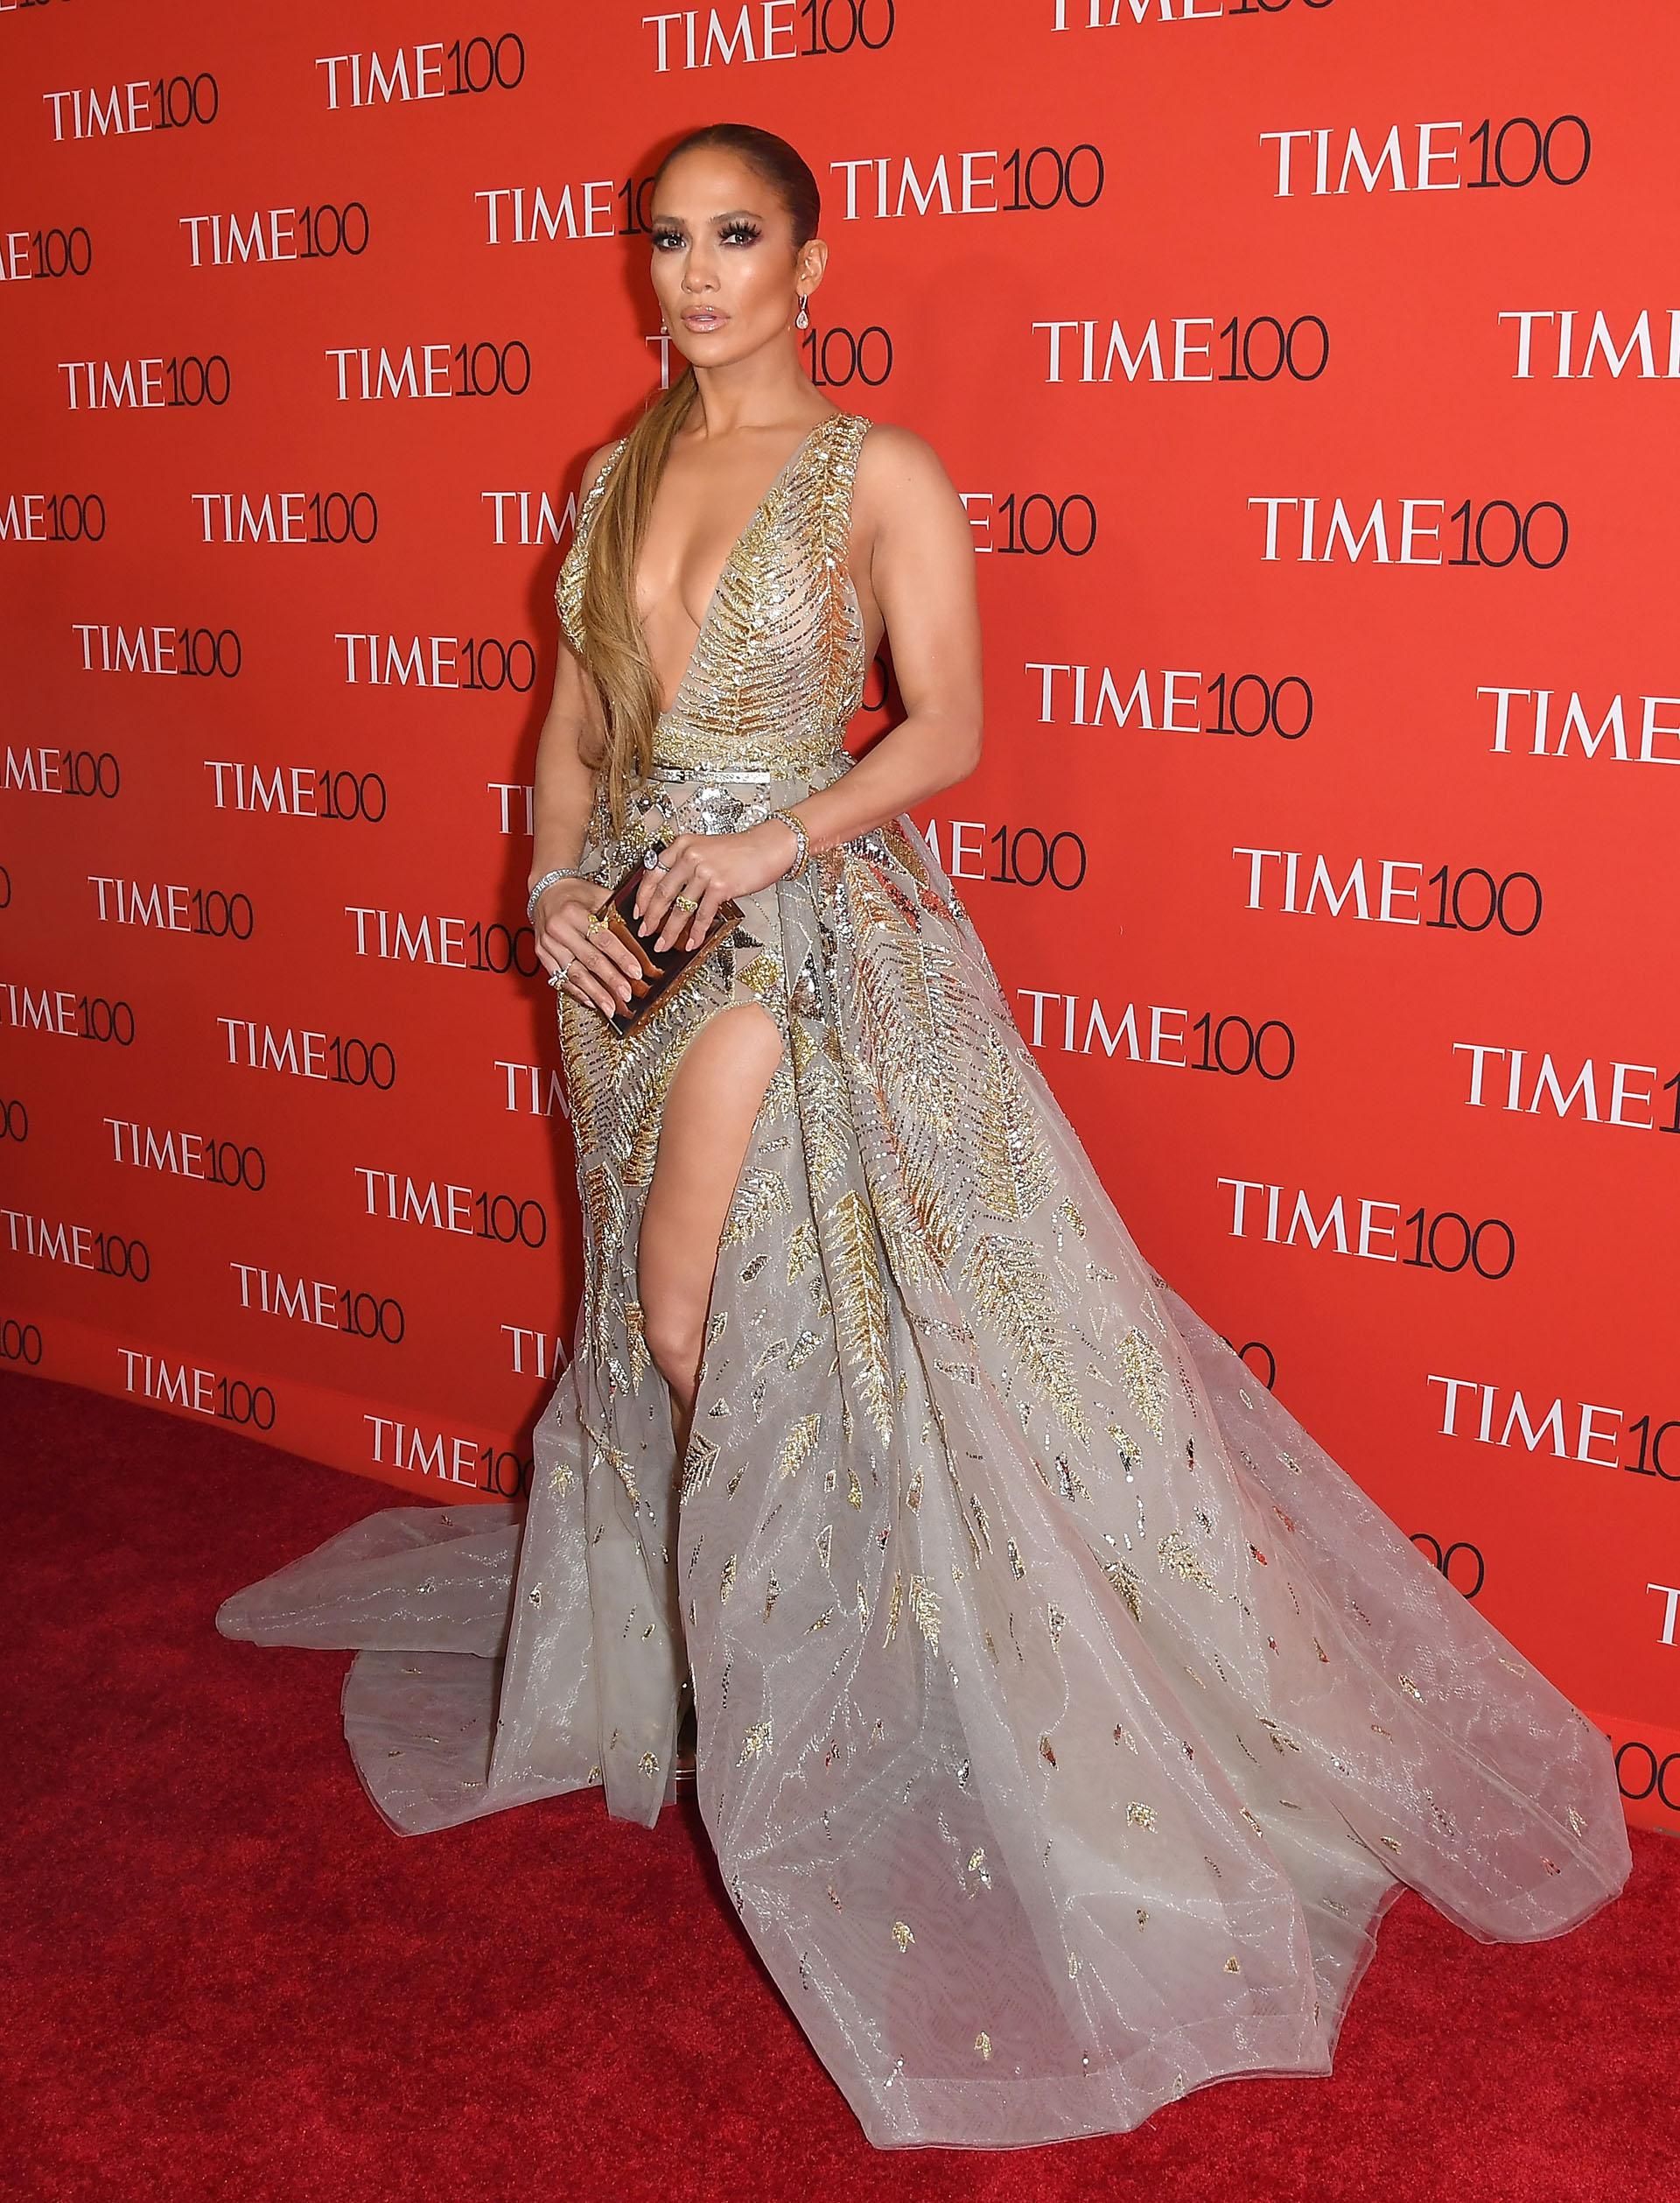 Jennifer Lopez acaparó todos los flashes de la prensa internacional con este fabuloso y provocador vestido a su llegada al Lincoln Center